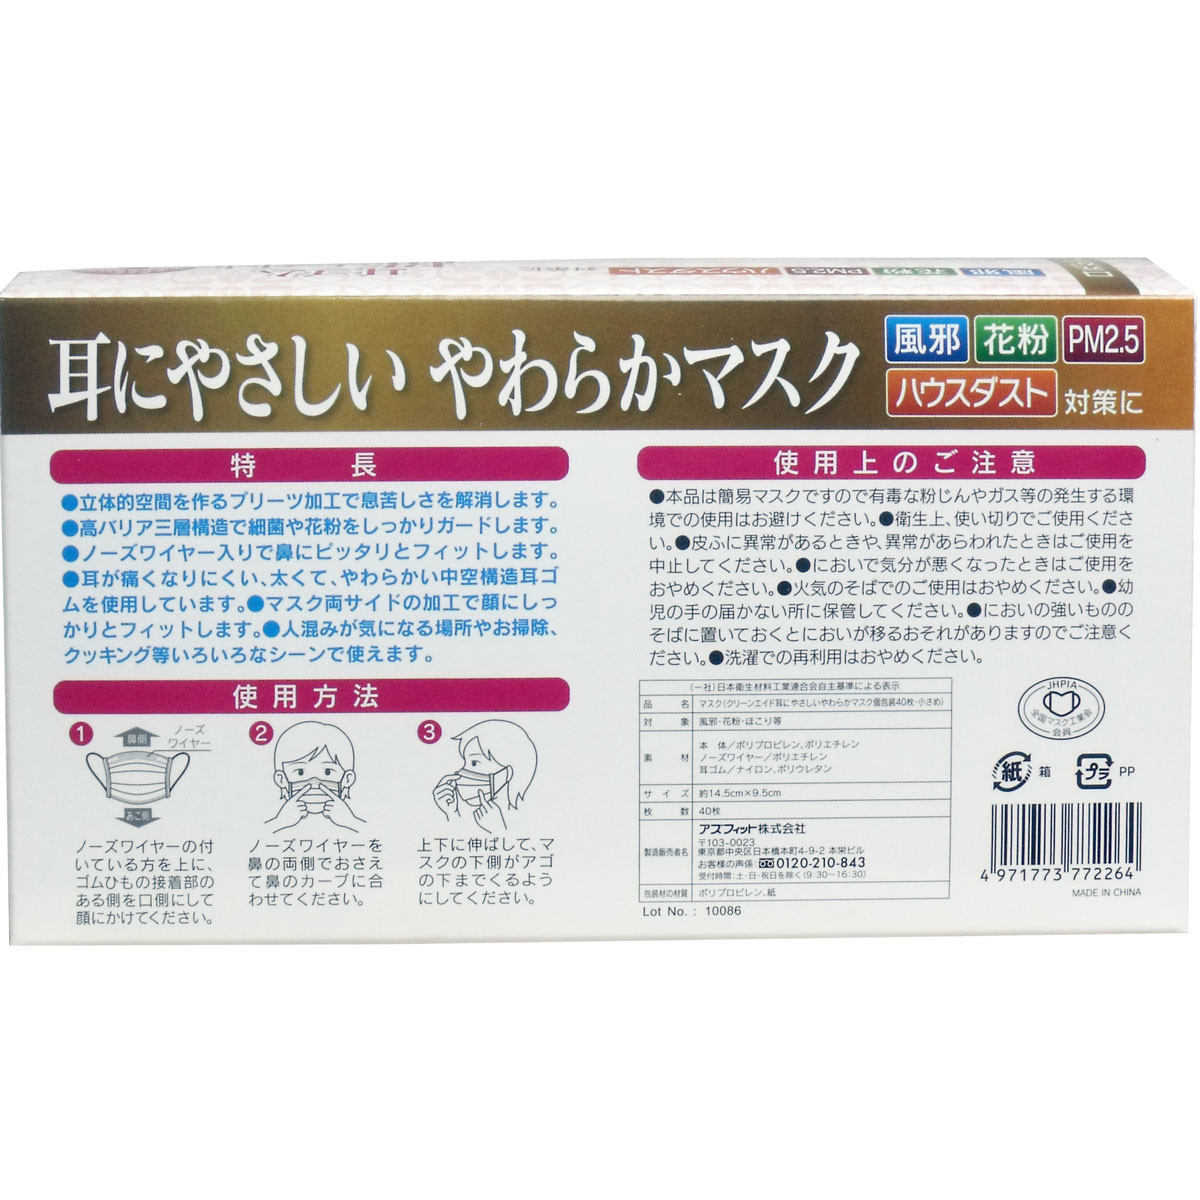 エイド マスク クリーン クリーンルーム用マスク・保護具の選定・通販